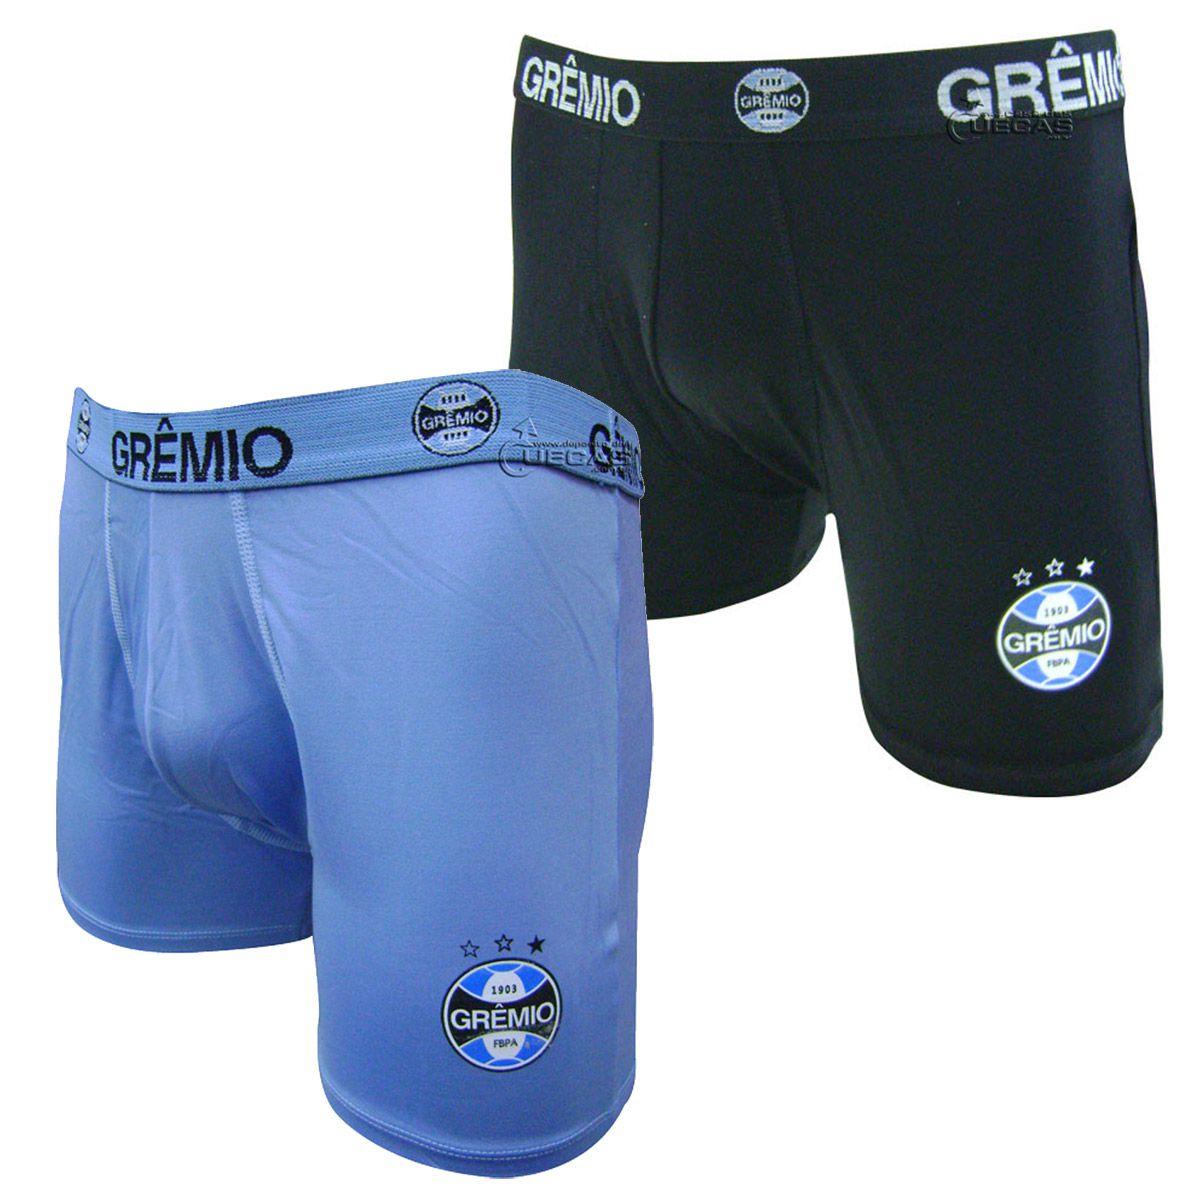 Cueca Boxer do Grêmio em Microfibra  - 04.0001